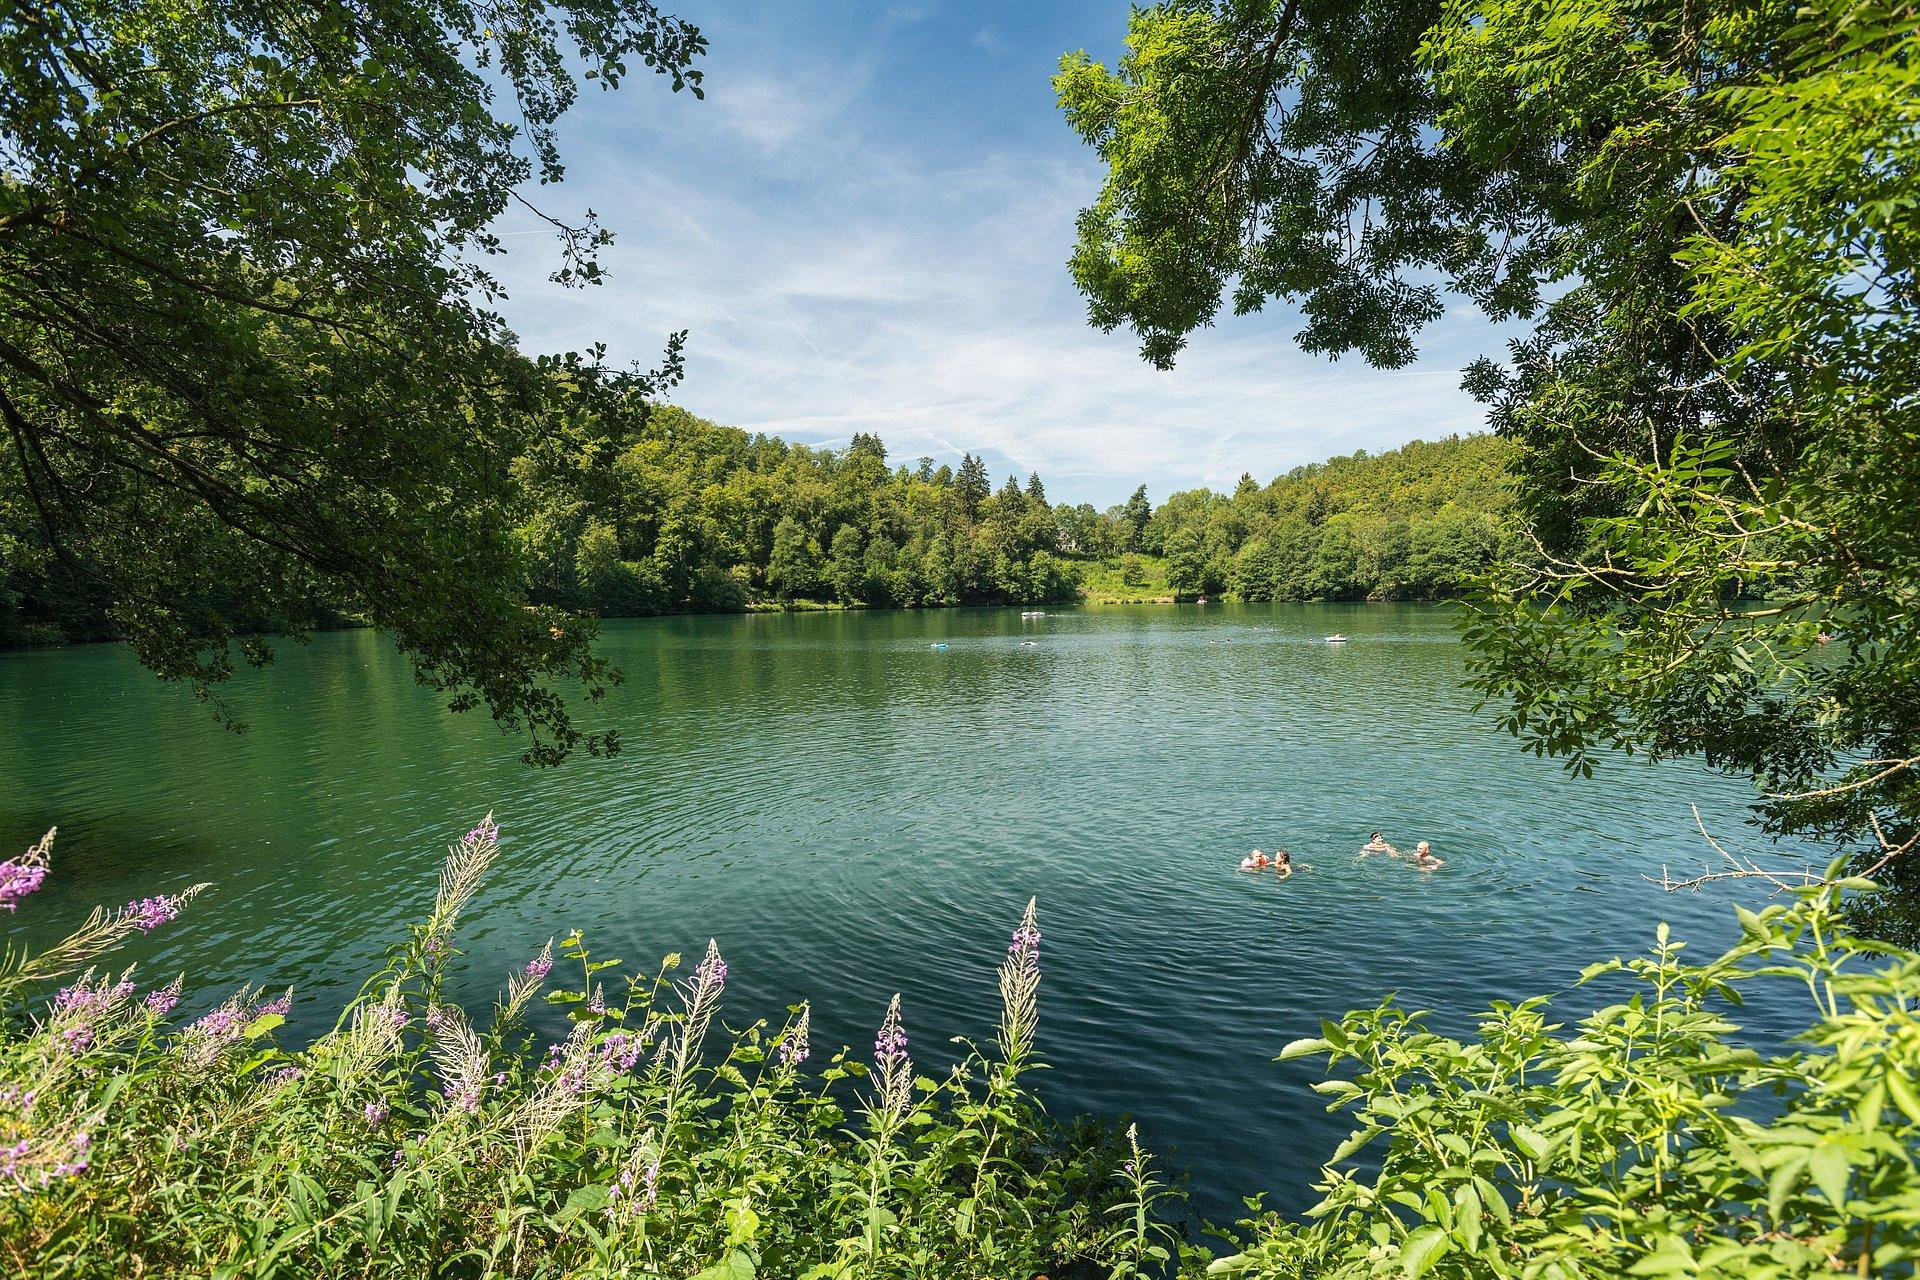 Verfrissing bij het zwemmen in het natuurlijk openluchtzwembad Gemündener Maar, Eifel